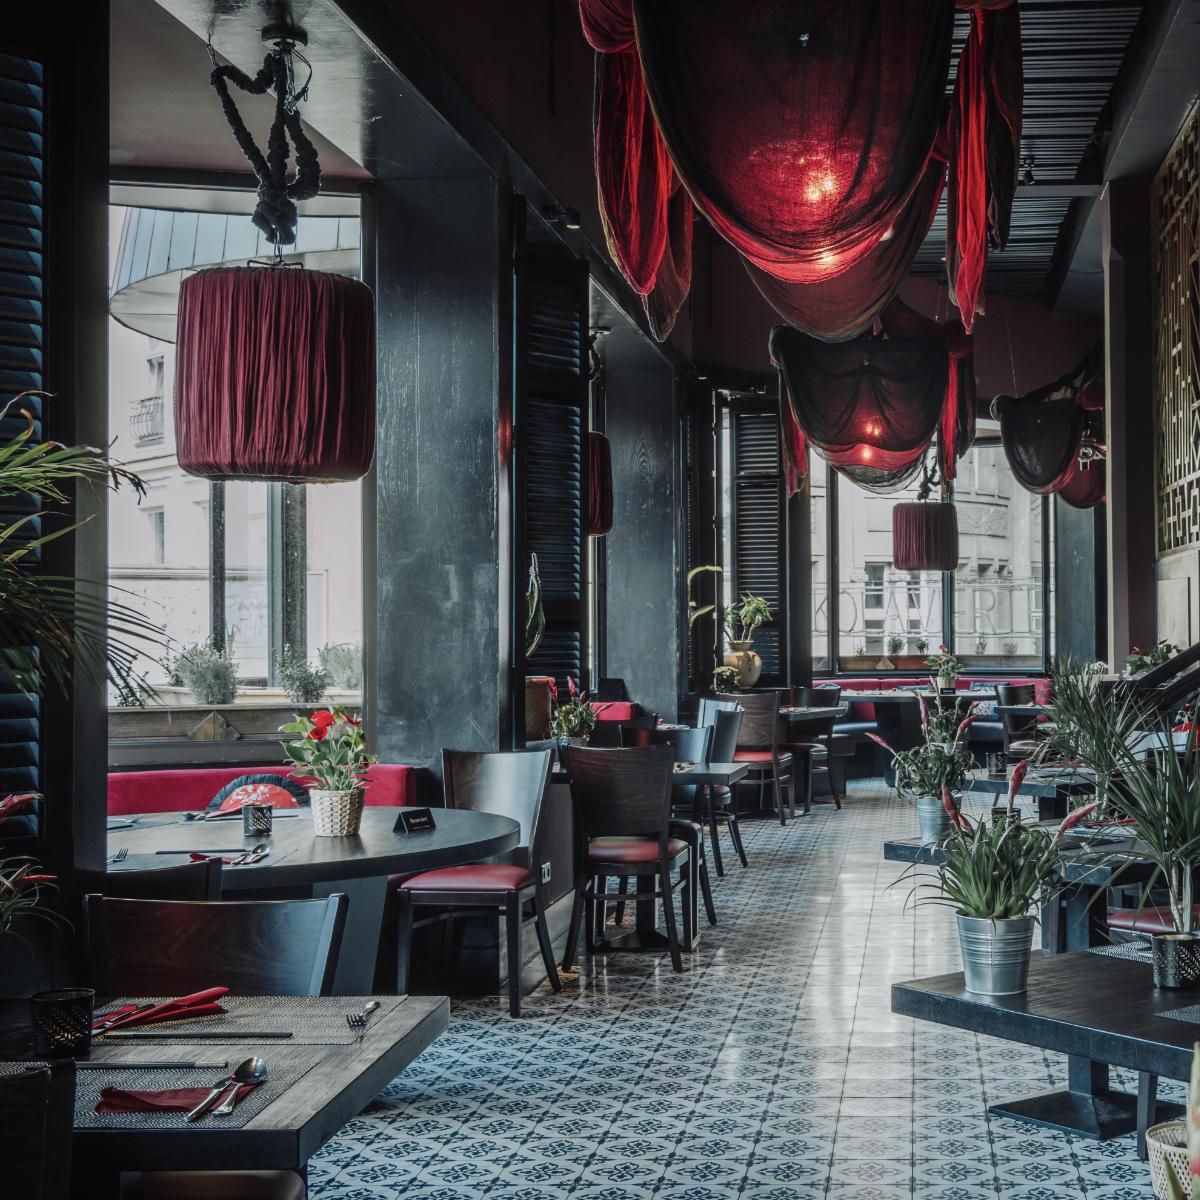 Ngon thailändisches Restaurant in Berlin-Mitte 12